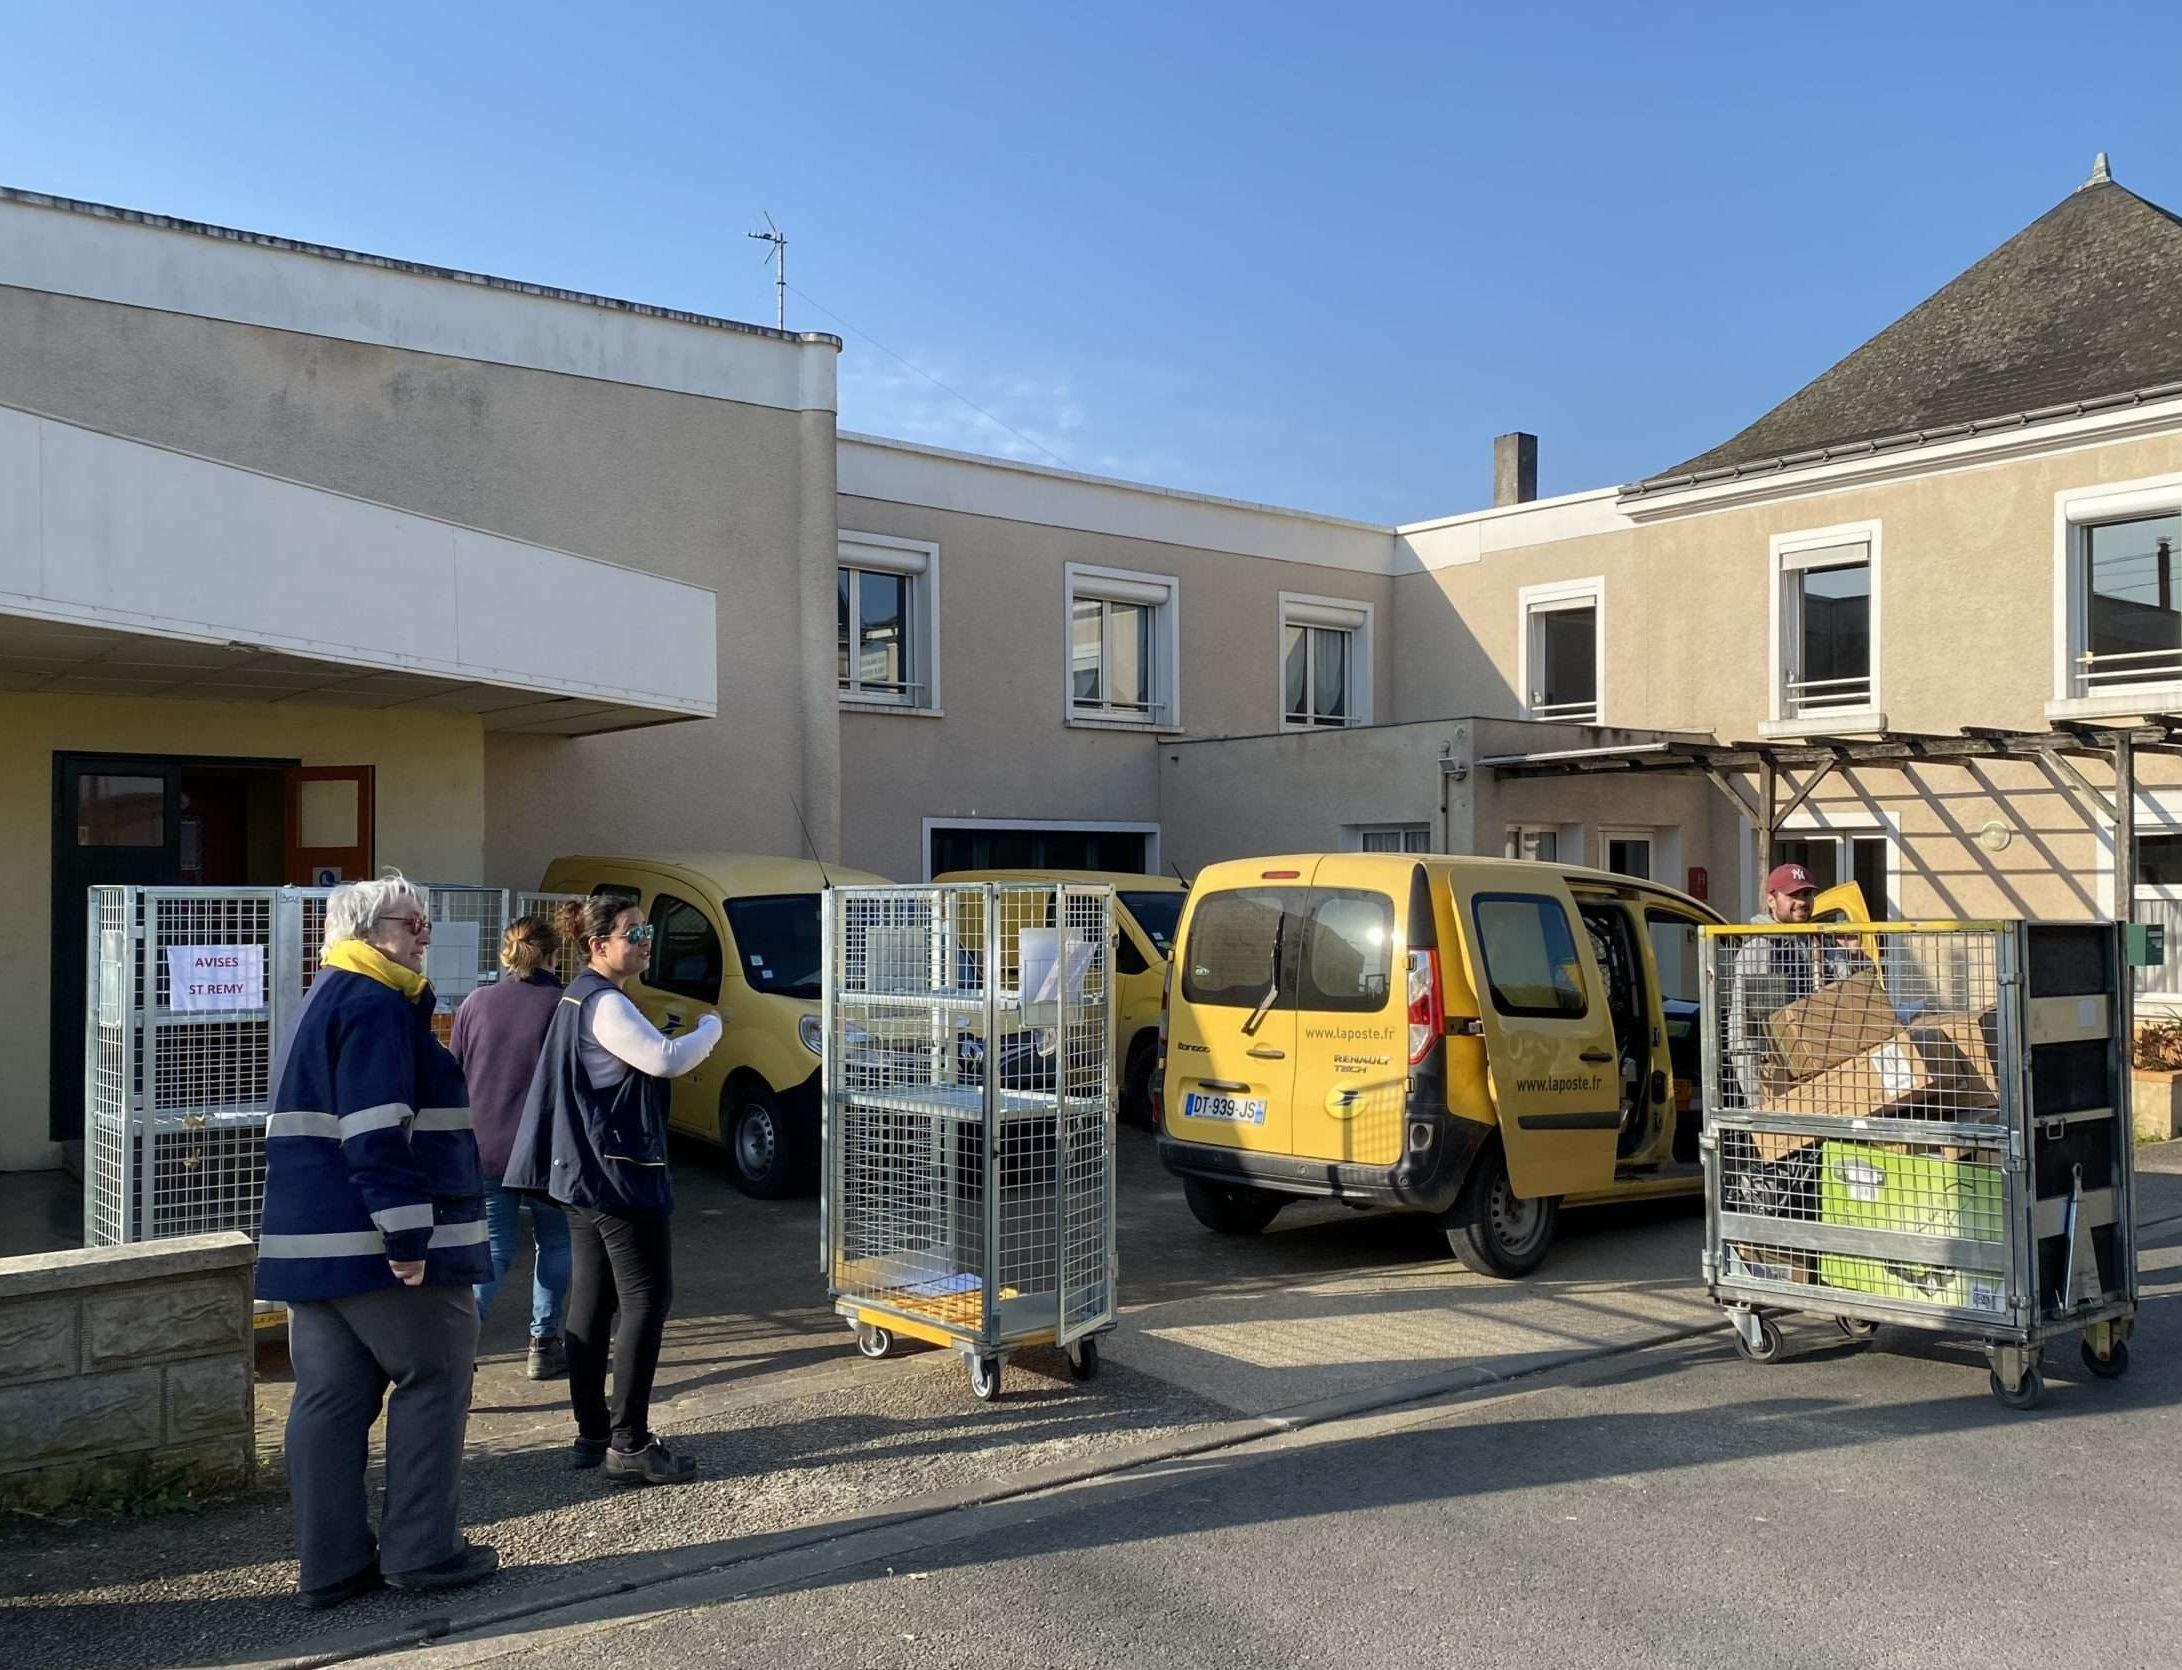 L'équipe de la poste d'un village de 3000 habitant·es en train de travailler et de préparer les colis au centre de la poste.